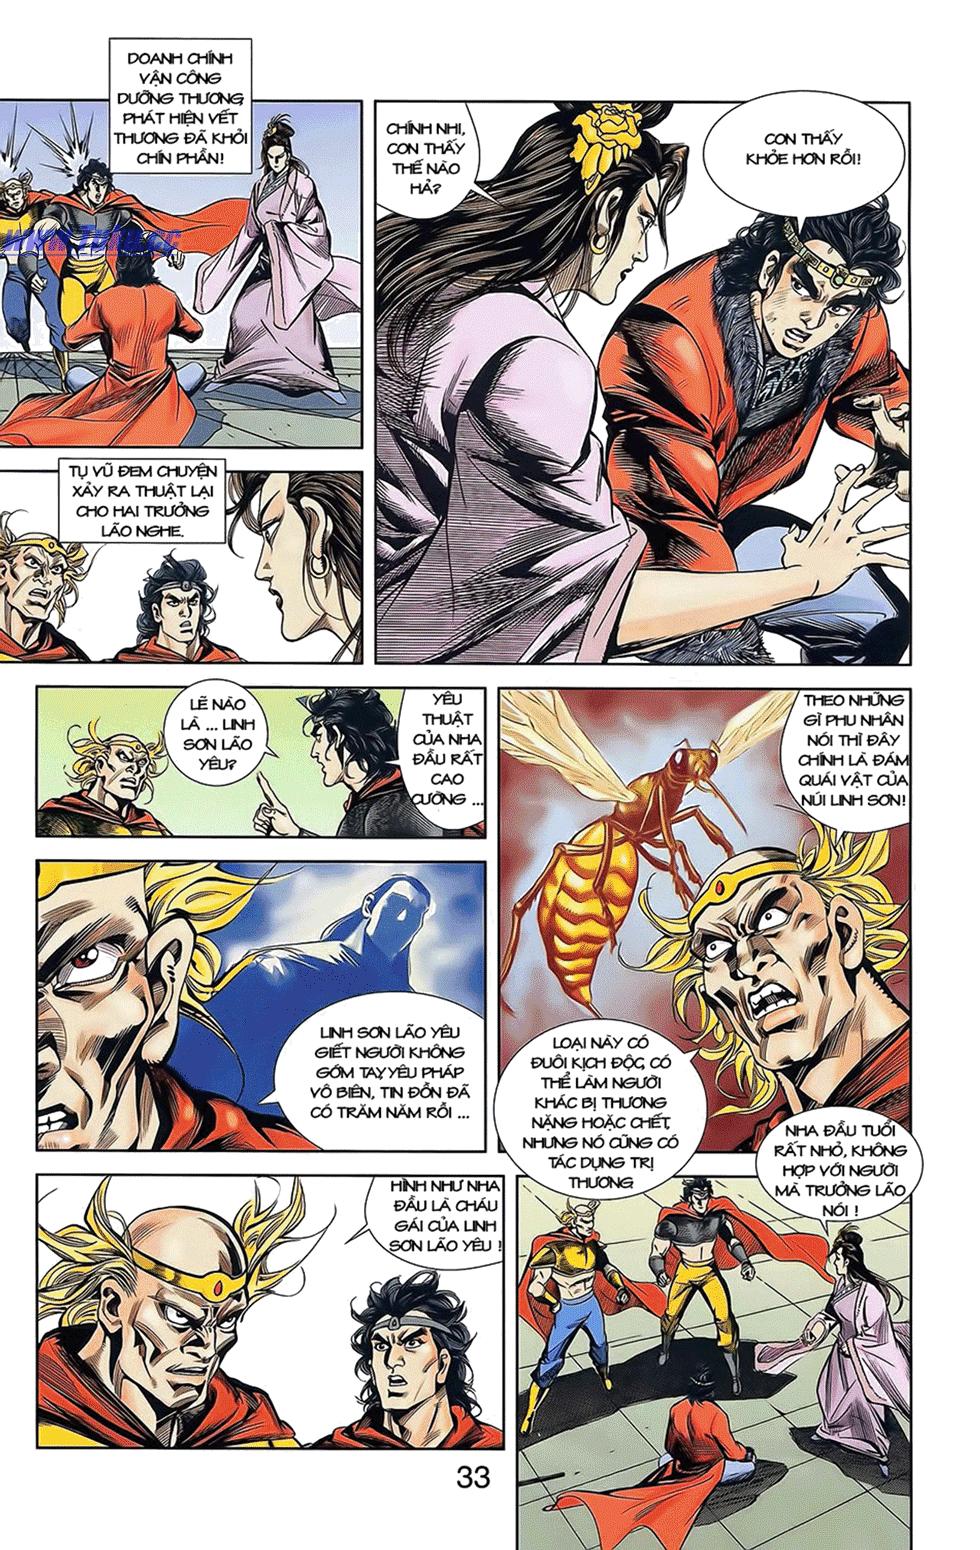 Tần Vương Doanh Chính chapter 12 trang 23